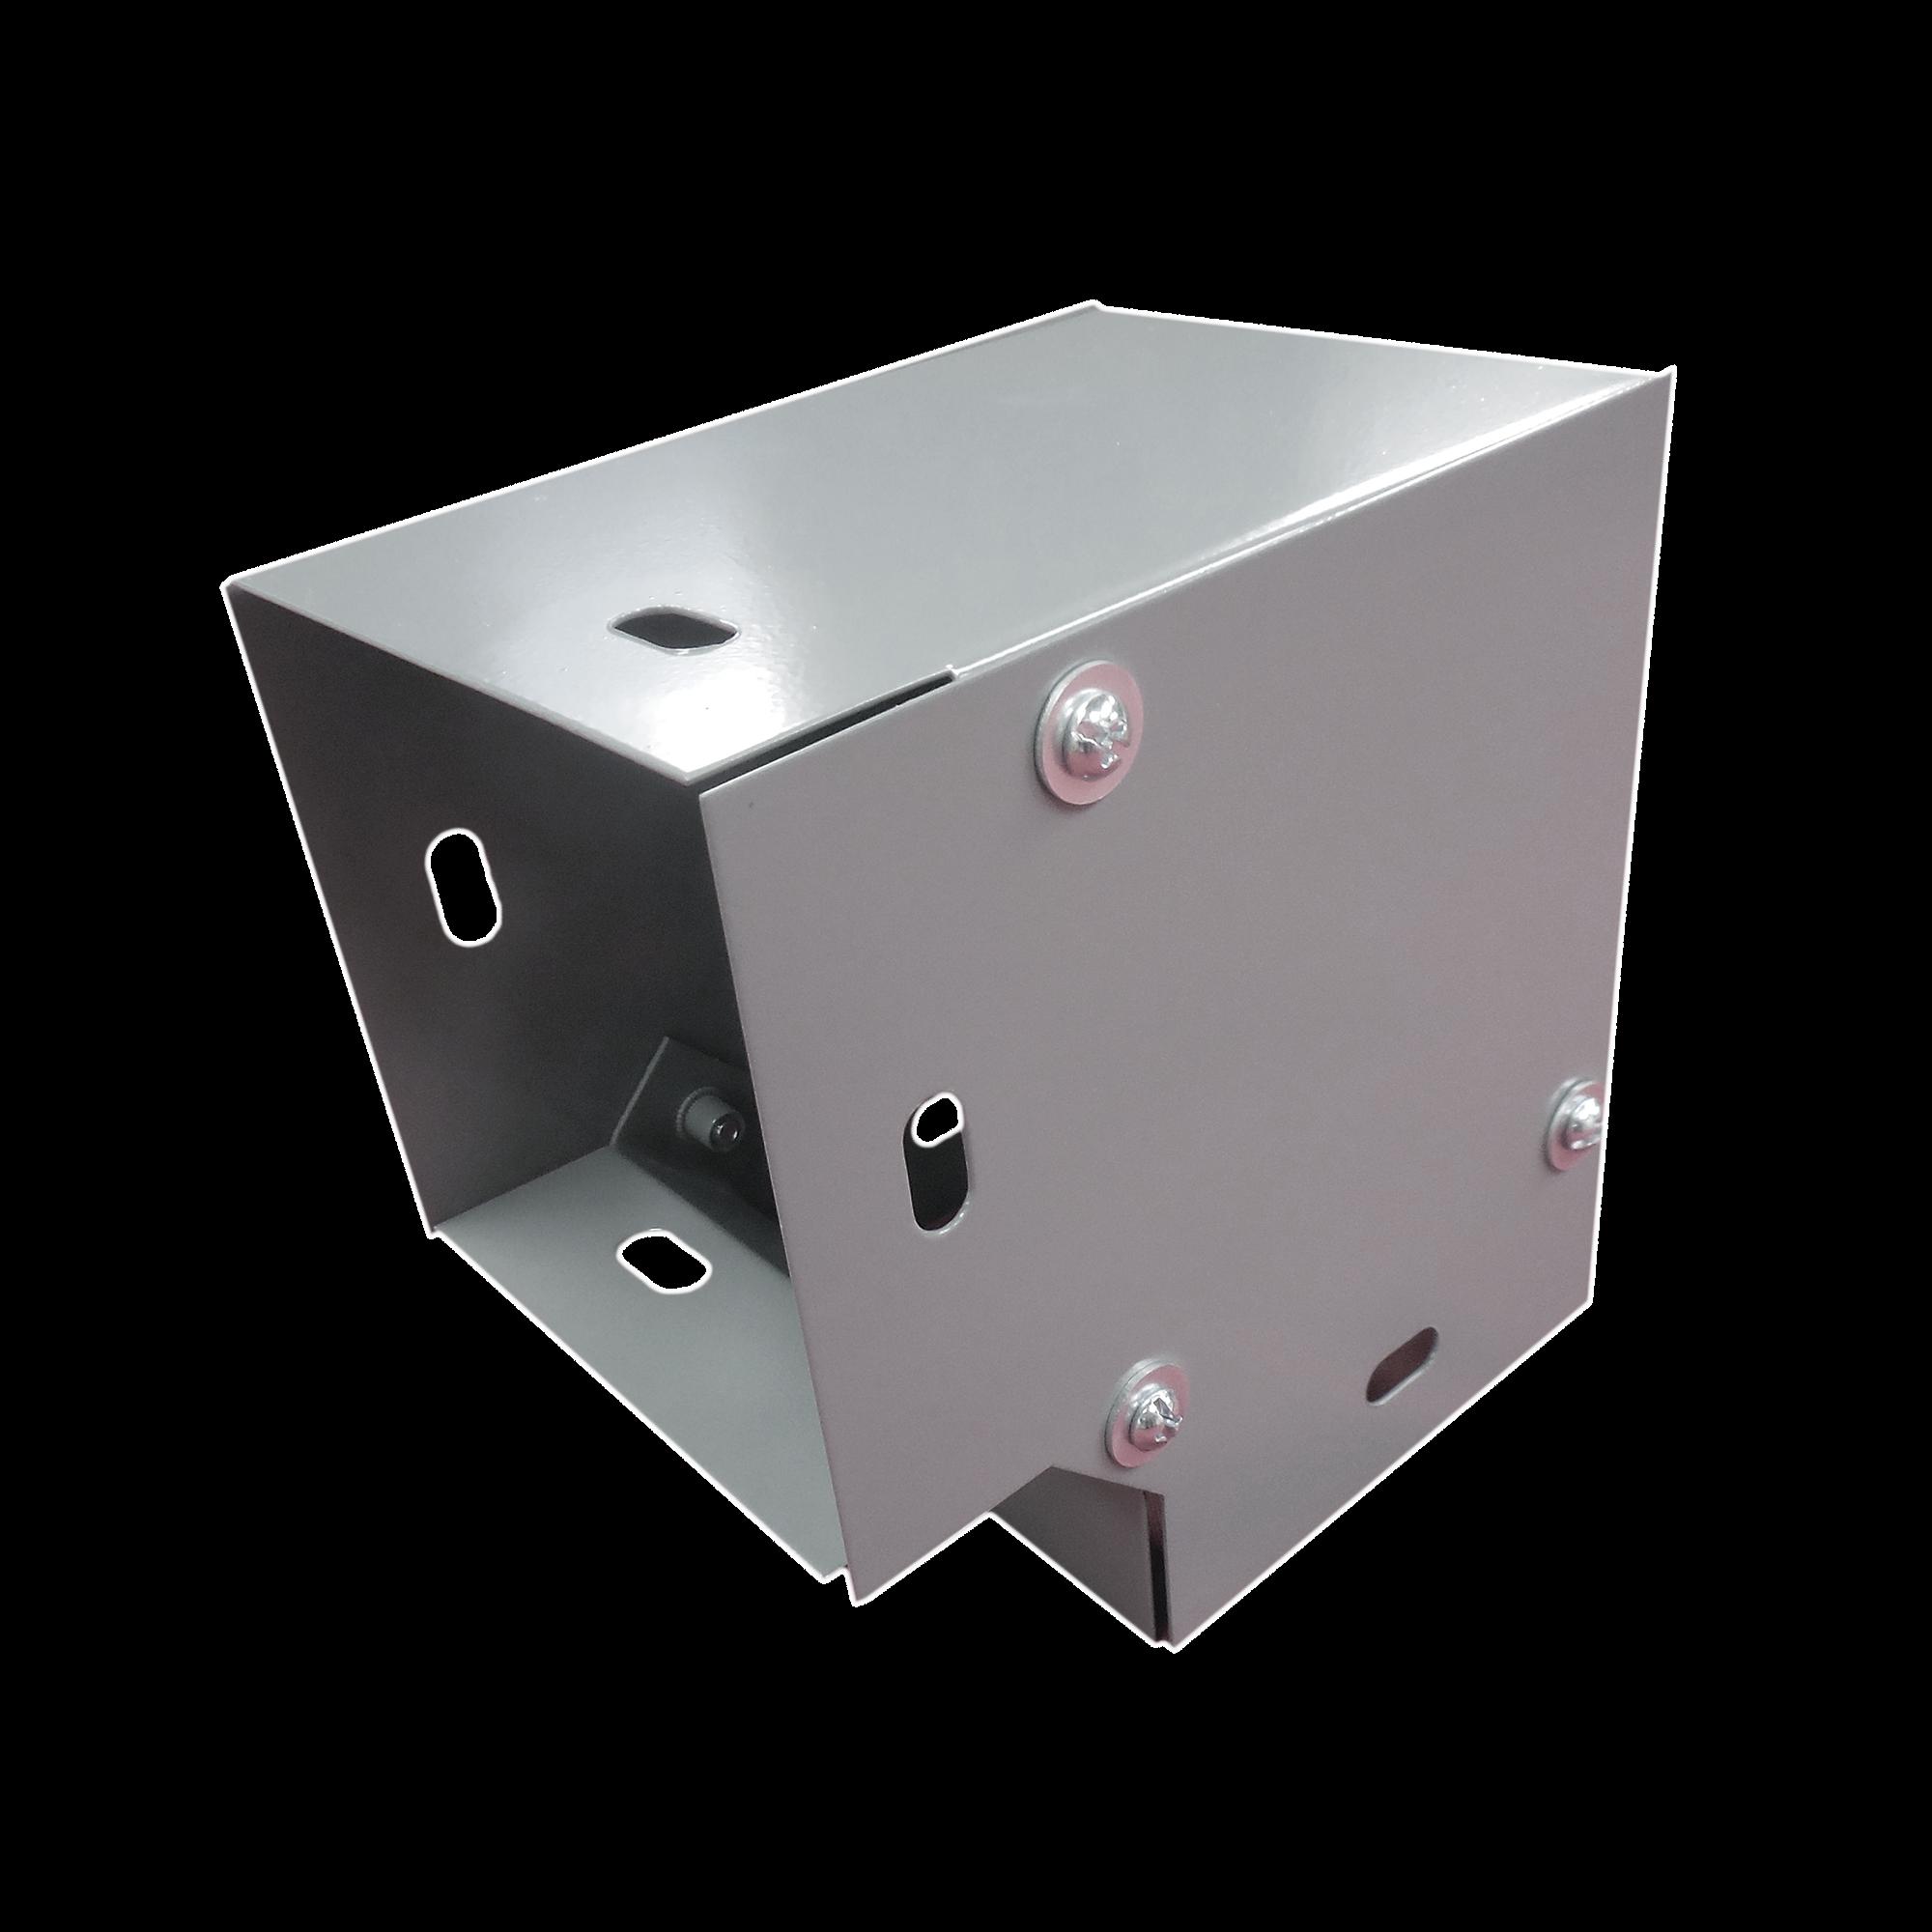 Derivación codo horizontal de 90 grados 100 x 100 mm, fabricado en lámina de acero al carbón